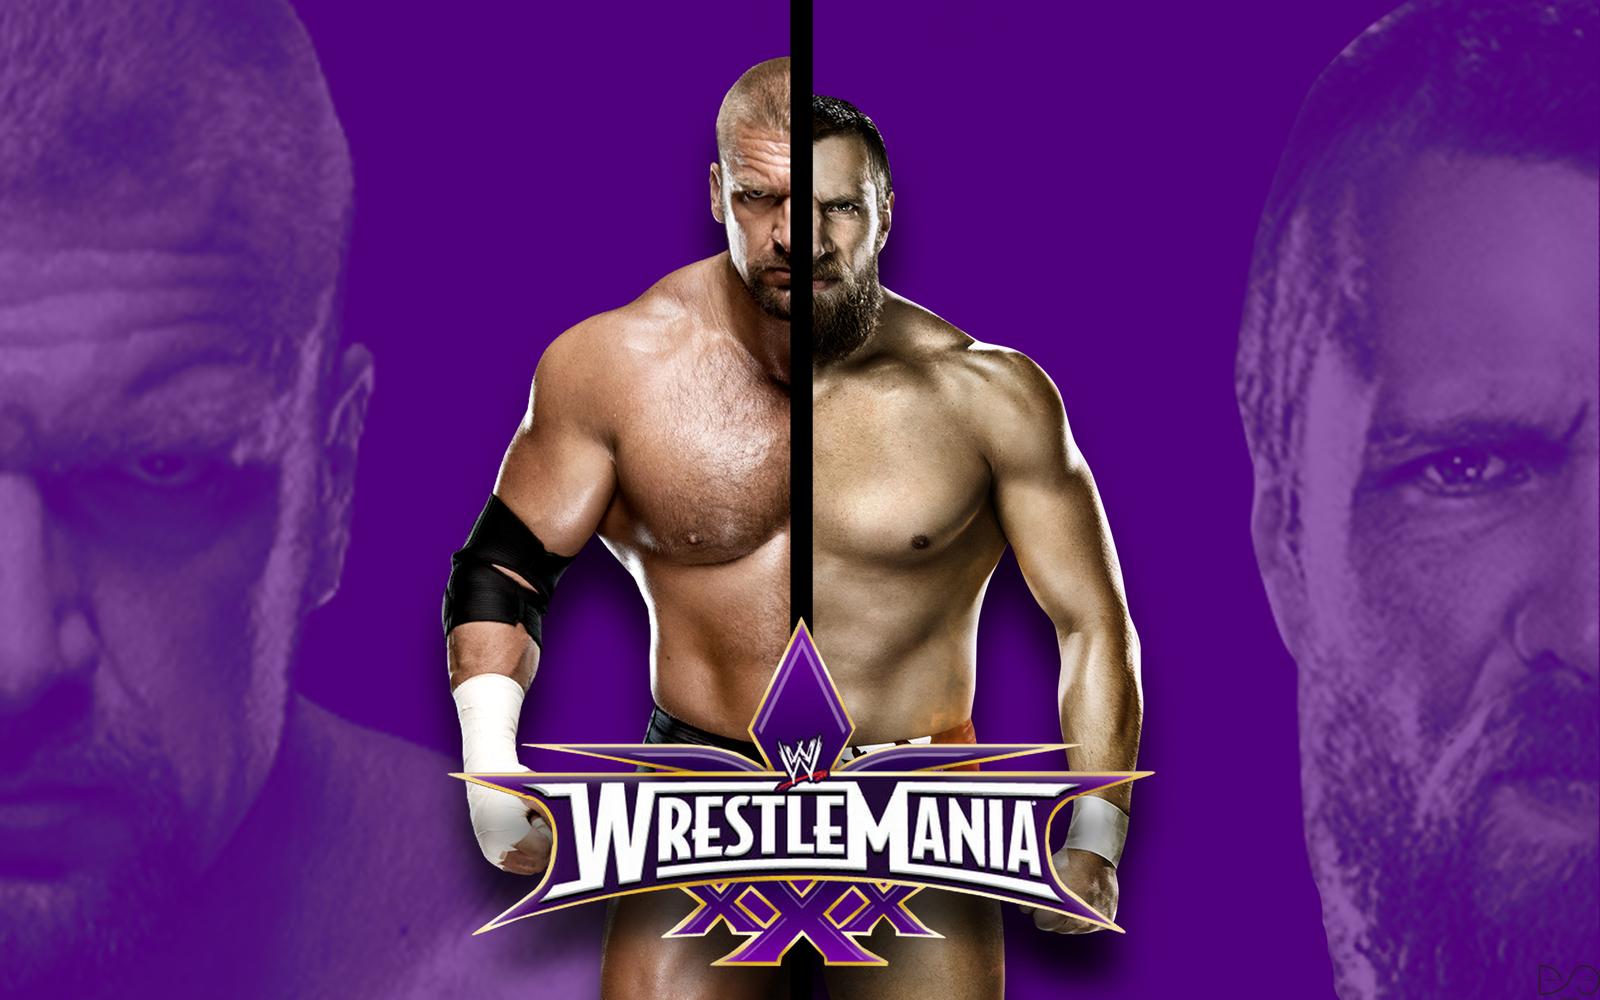 Wrestlemania 30 Daniel Bryan Vs Triple H by dantescottie ...Daniel Bryan Wrestlemania 30 Wallpaper